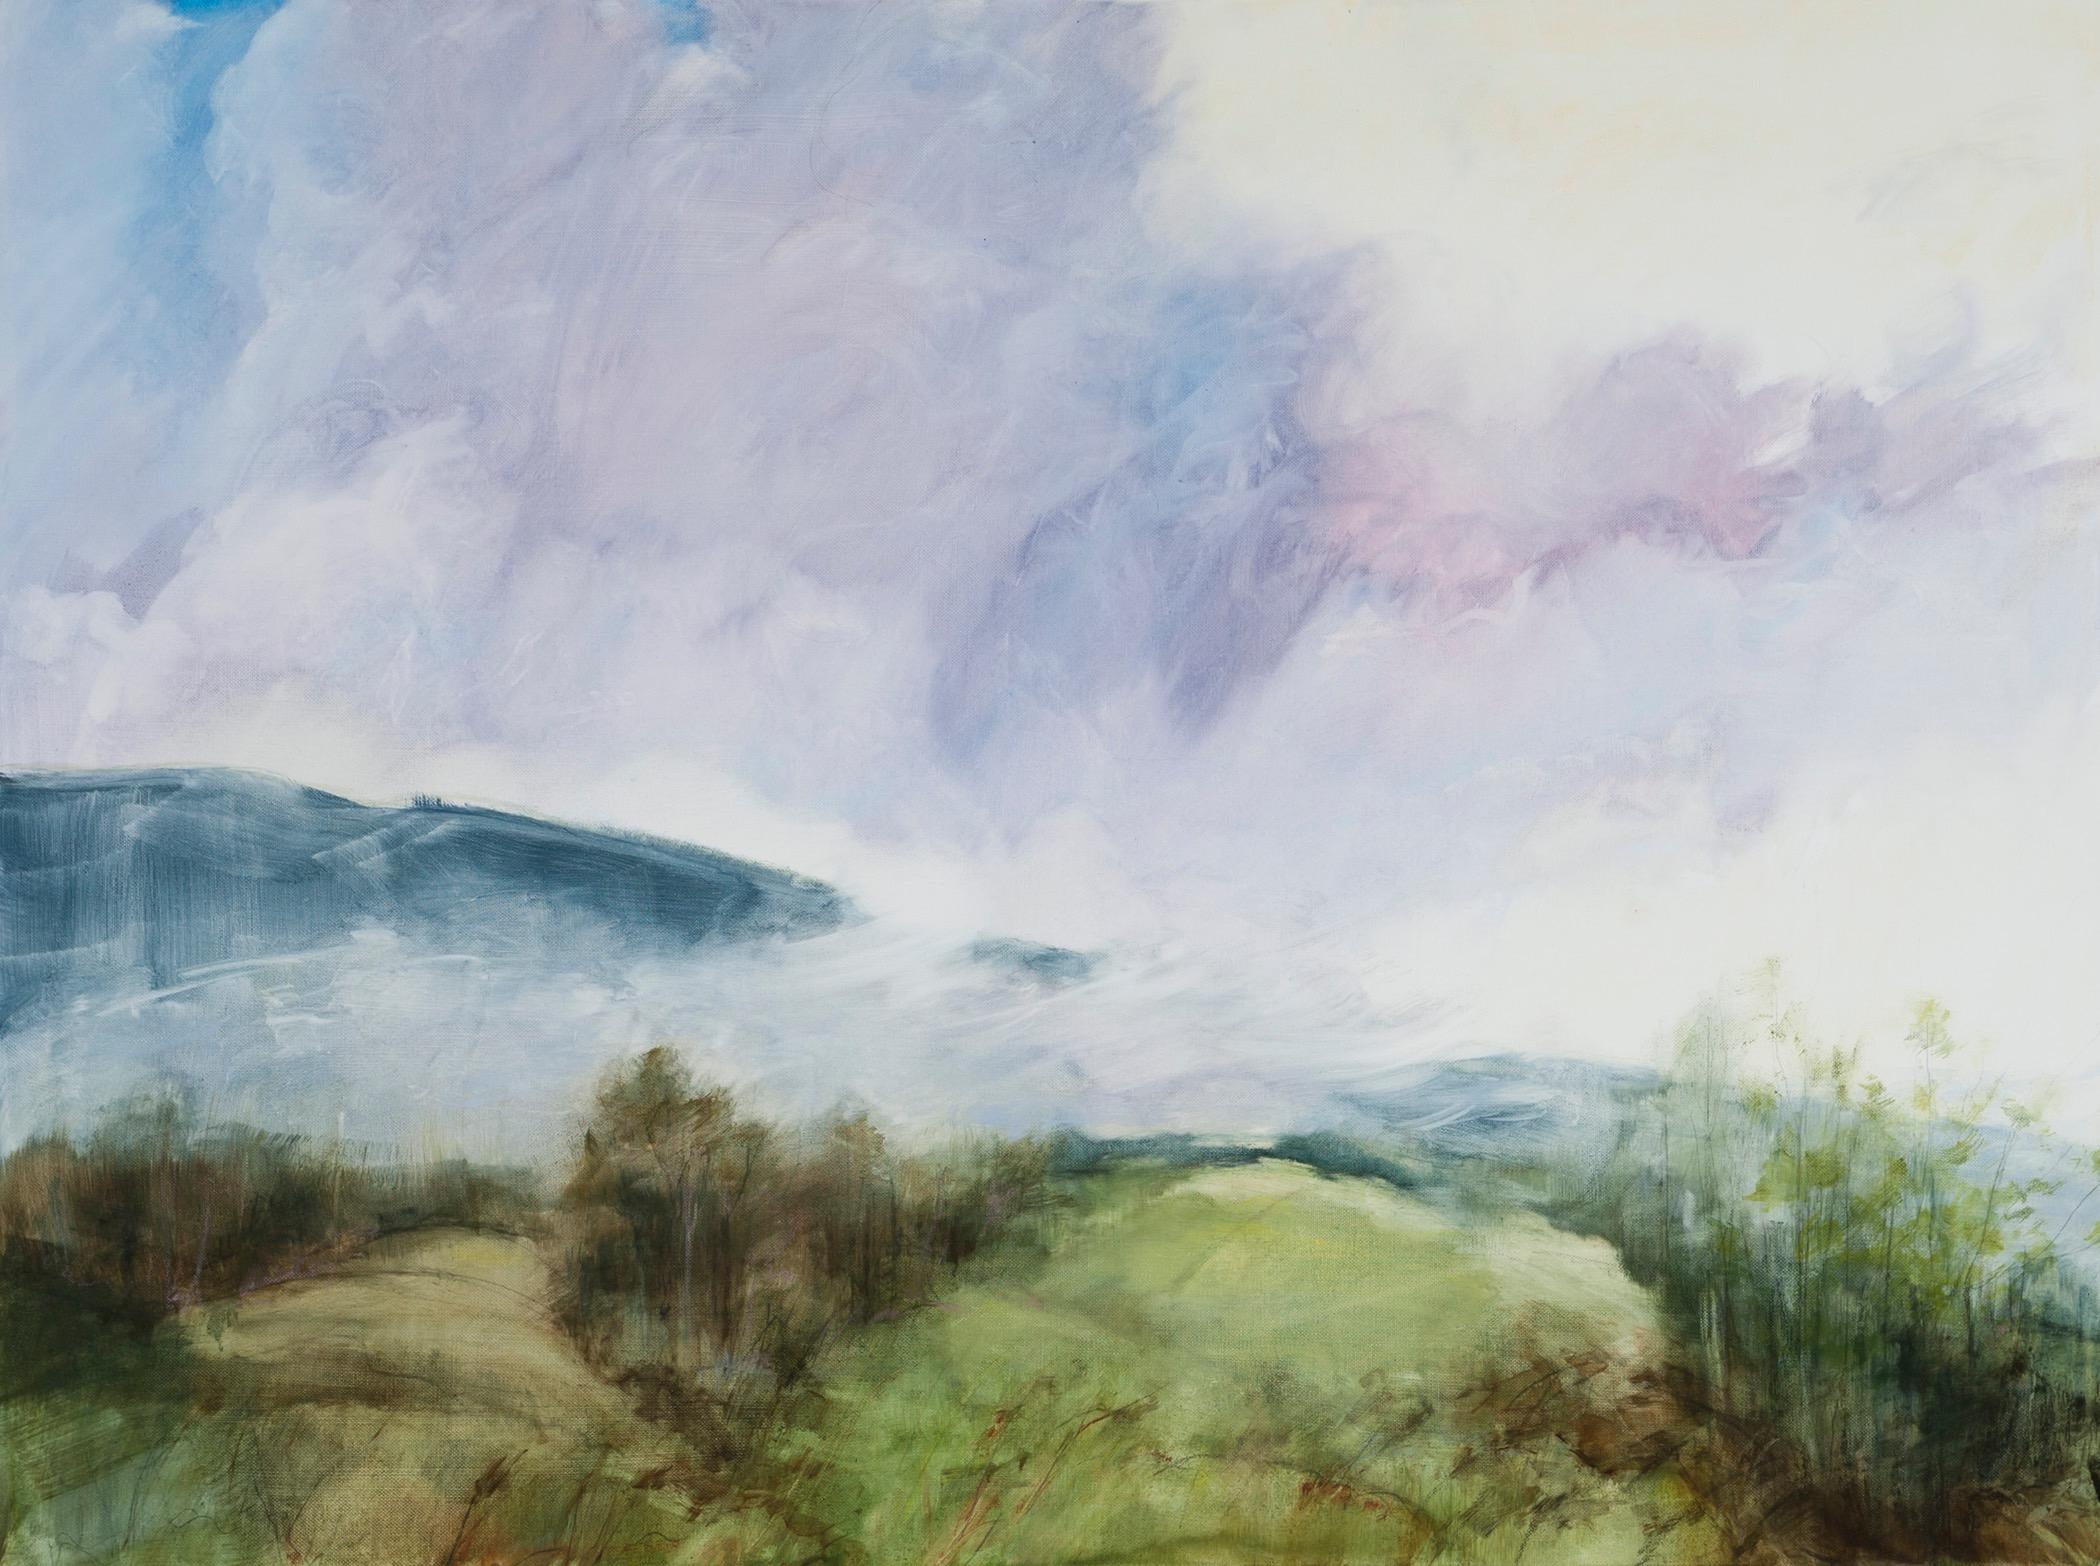 Mist & Meadows